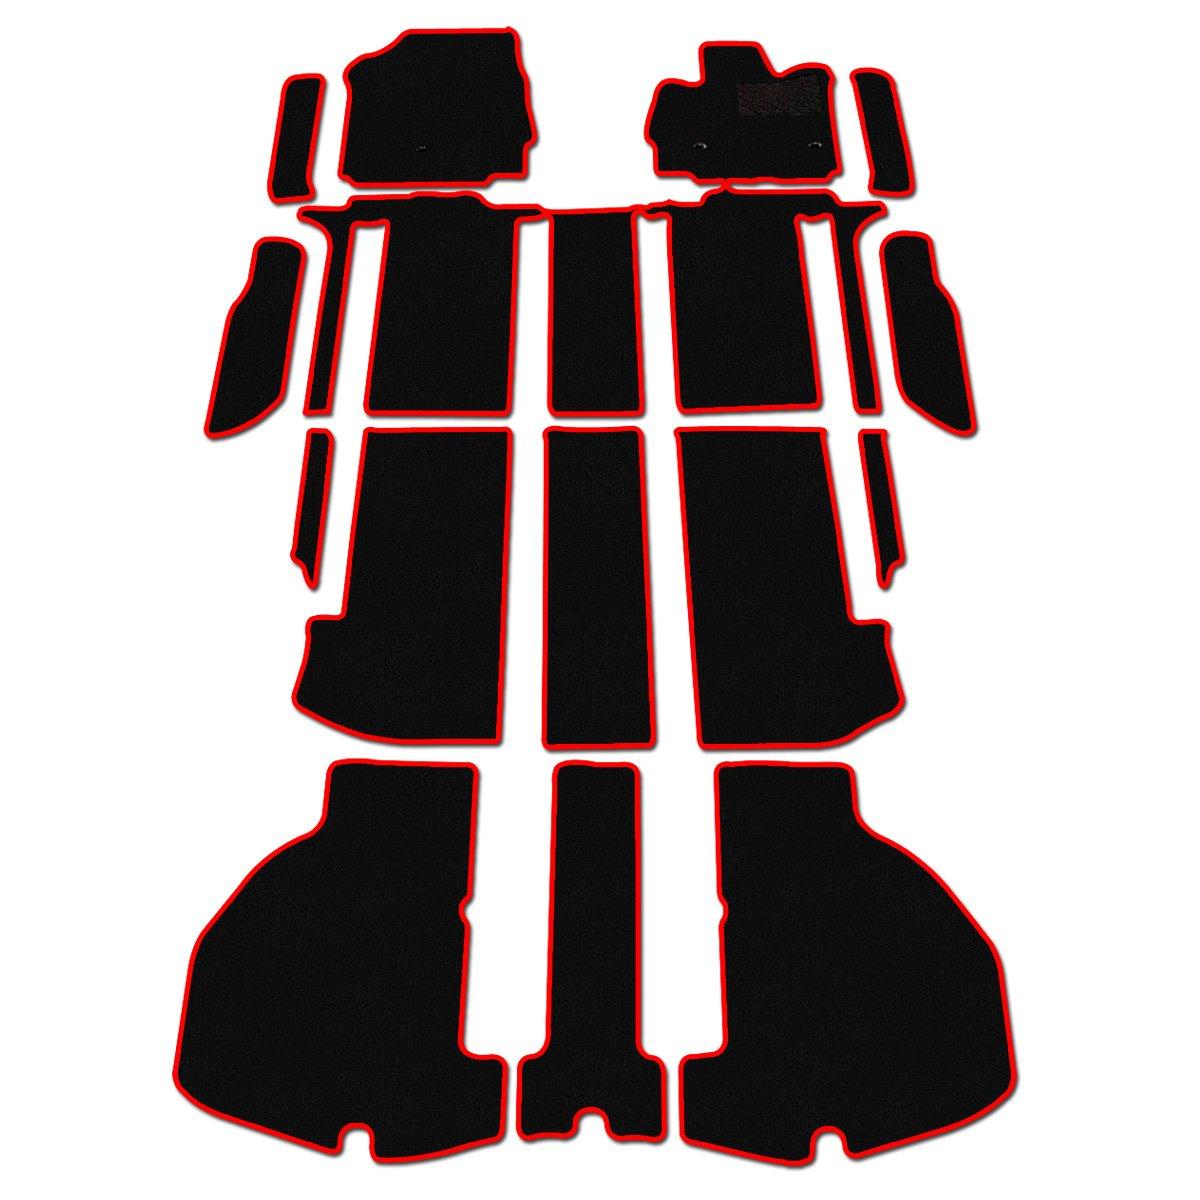 D.Iプランニング カー用品 フロアマット & ステップマット セット 型番9 【 トヨタ ヴェルファイア 30系 】 車用 カーマット 黒無地/赤フレーム B079DNHR1Q 型番9  型番9